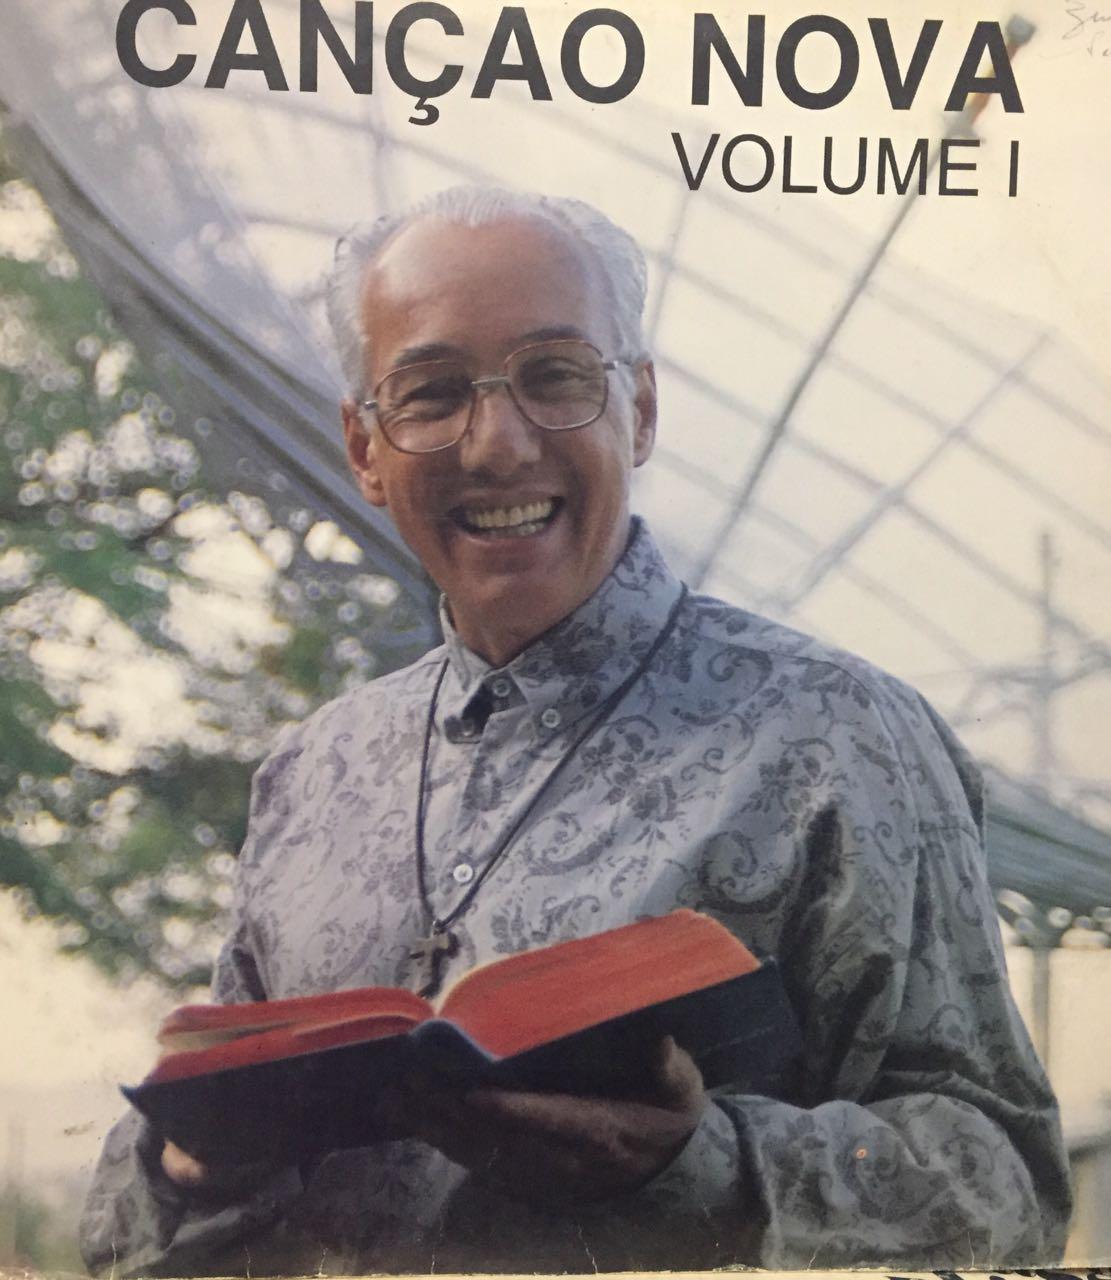 Album - 1992 - Canção Nova Vlume I